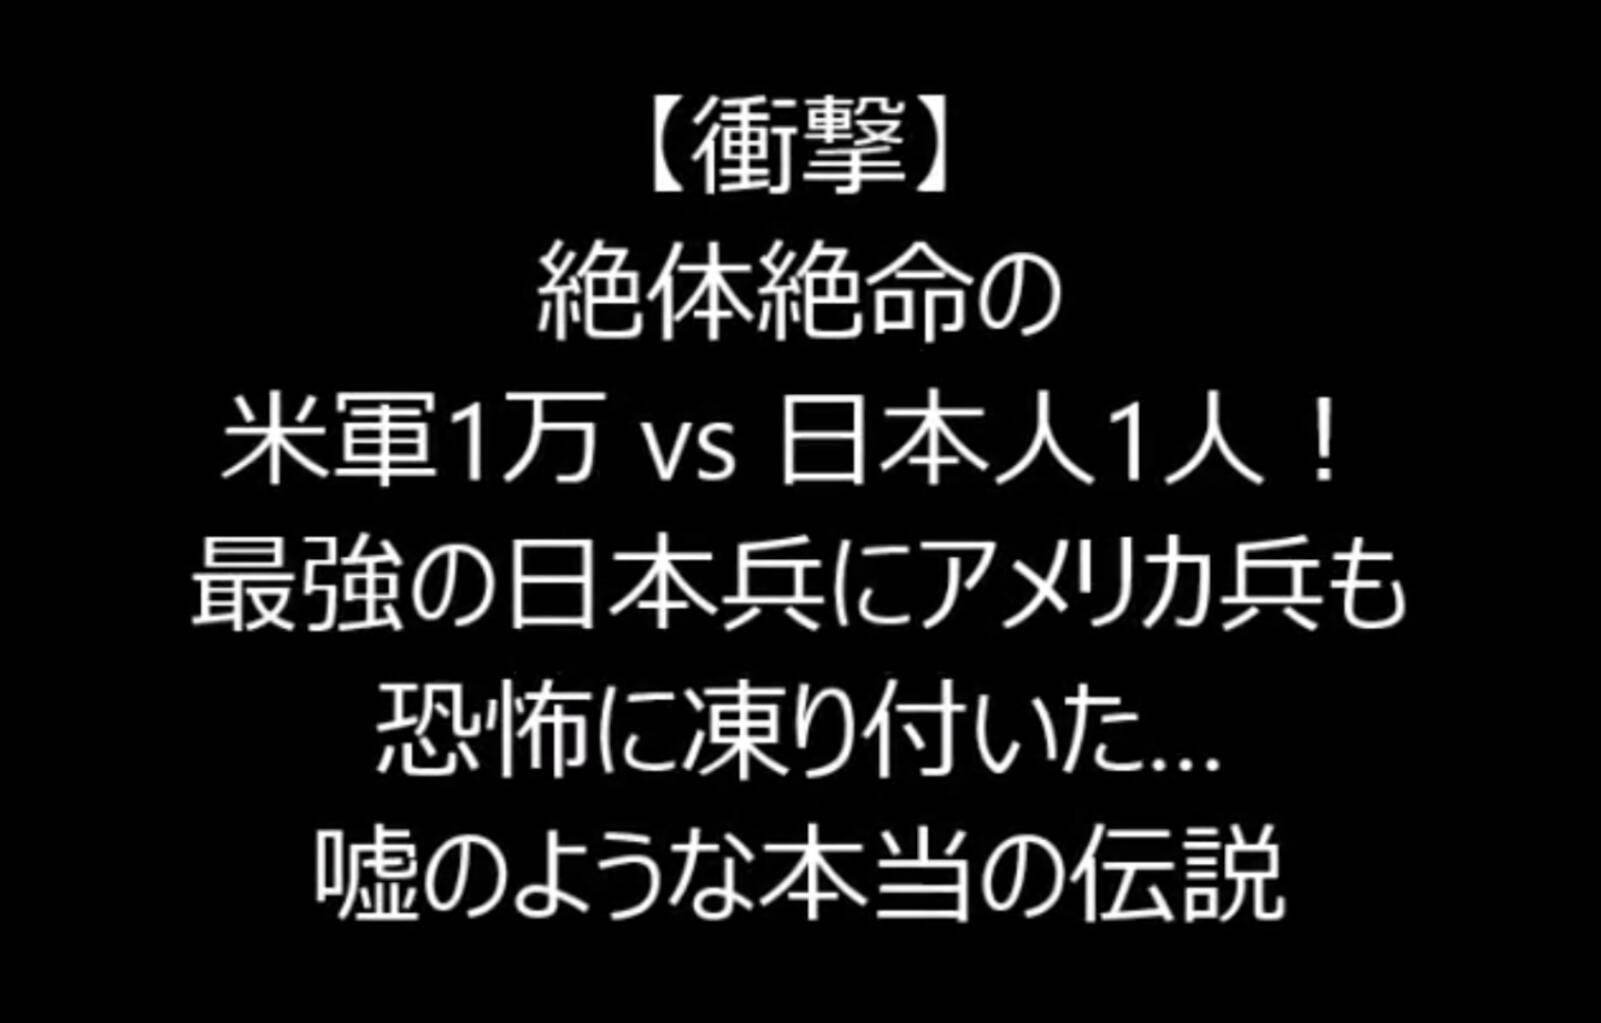 【衝撃】絶体絶命の米軍1万 vs 日本人1人!最強の日本兵にアメリカ兵も恐怖に凍り付いた… 嘘のような本当の伝説